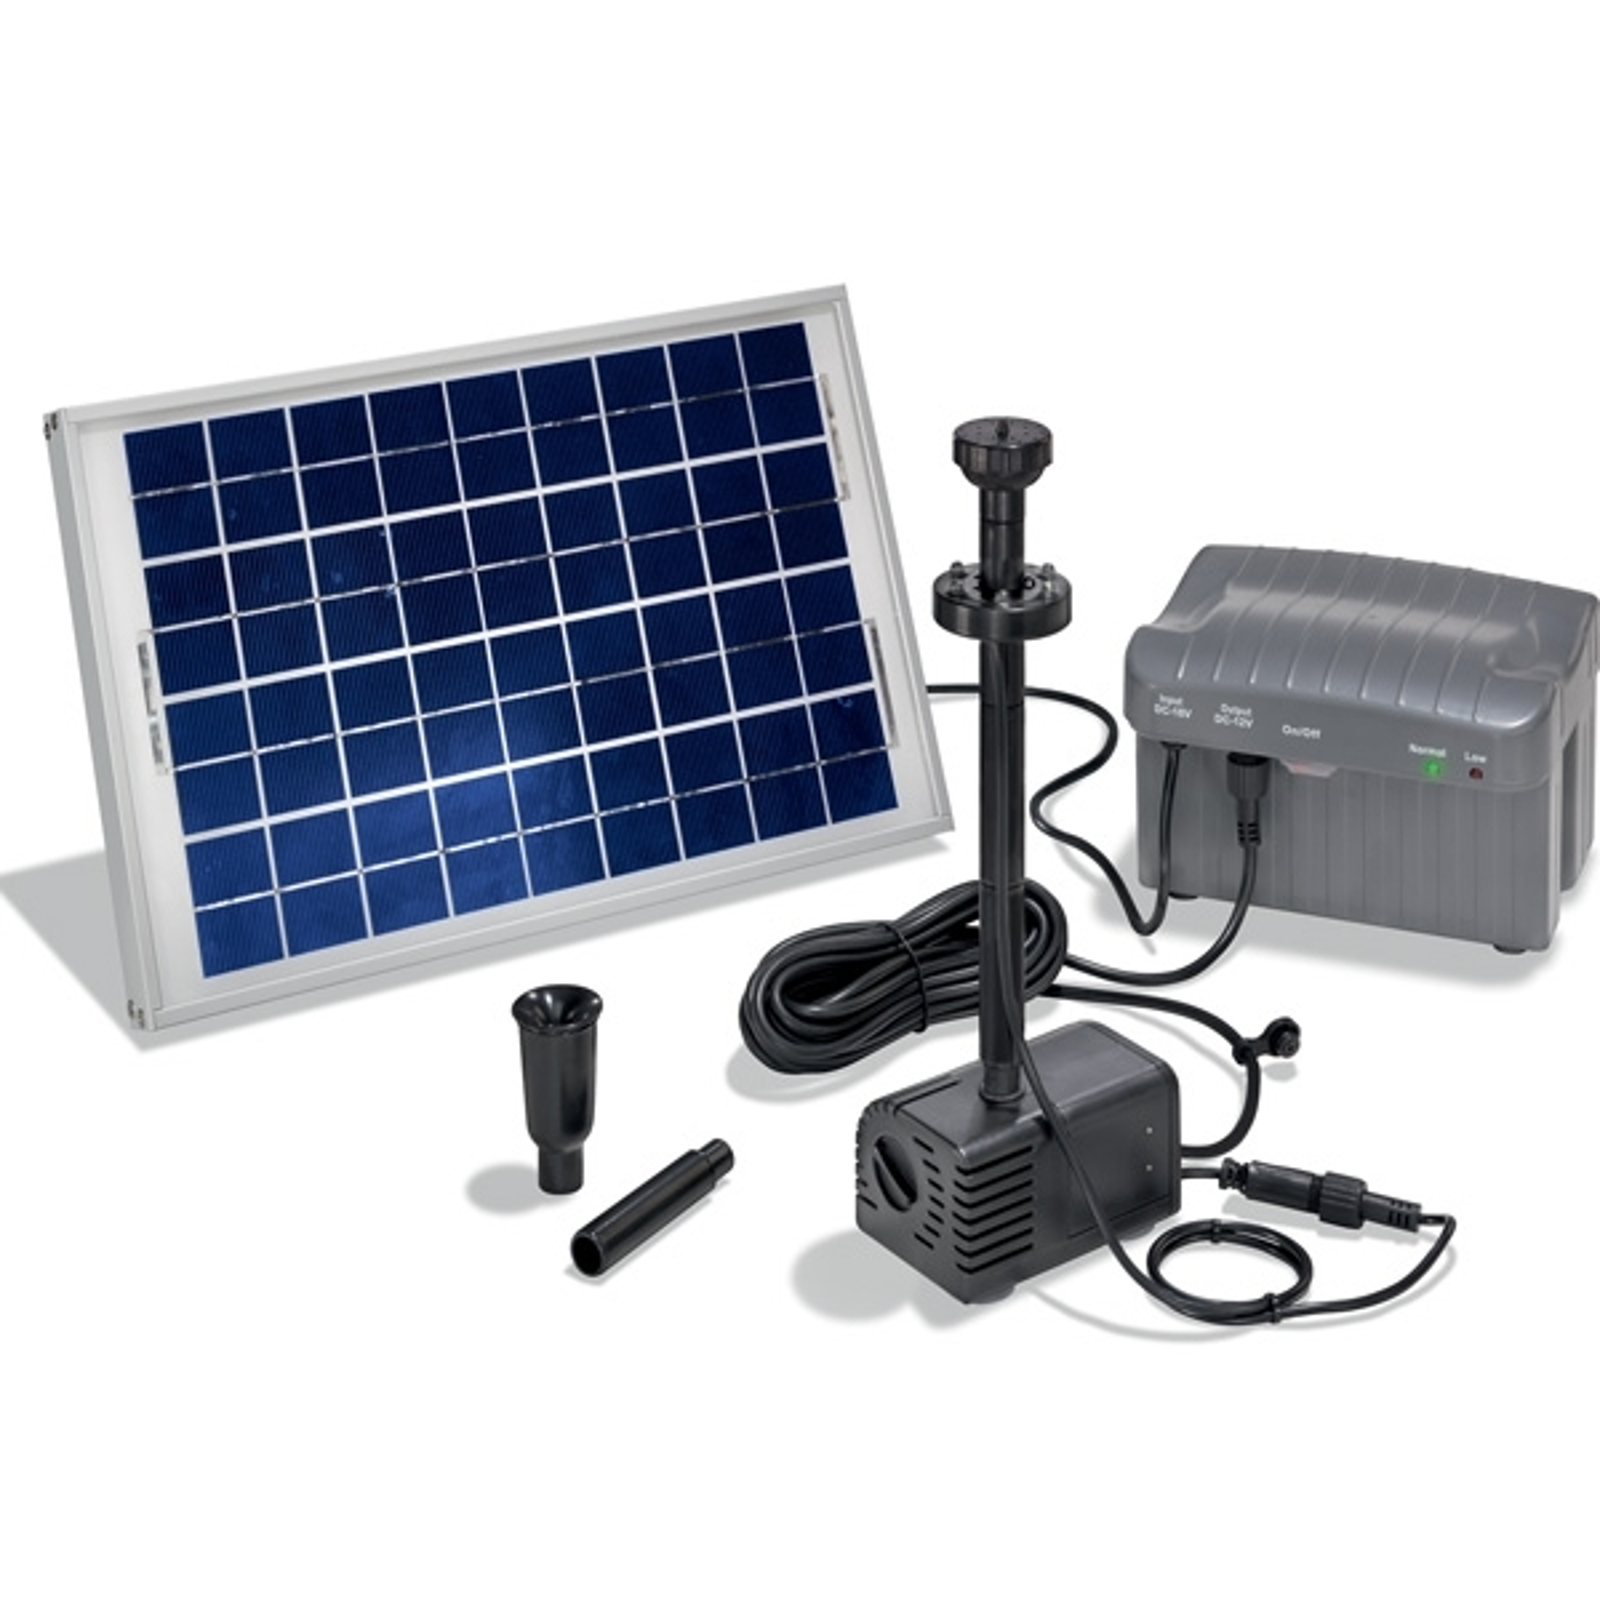 Sistema di pompaggio a energia solare Siena c. LED